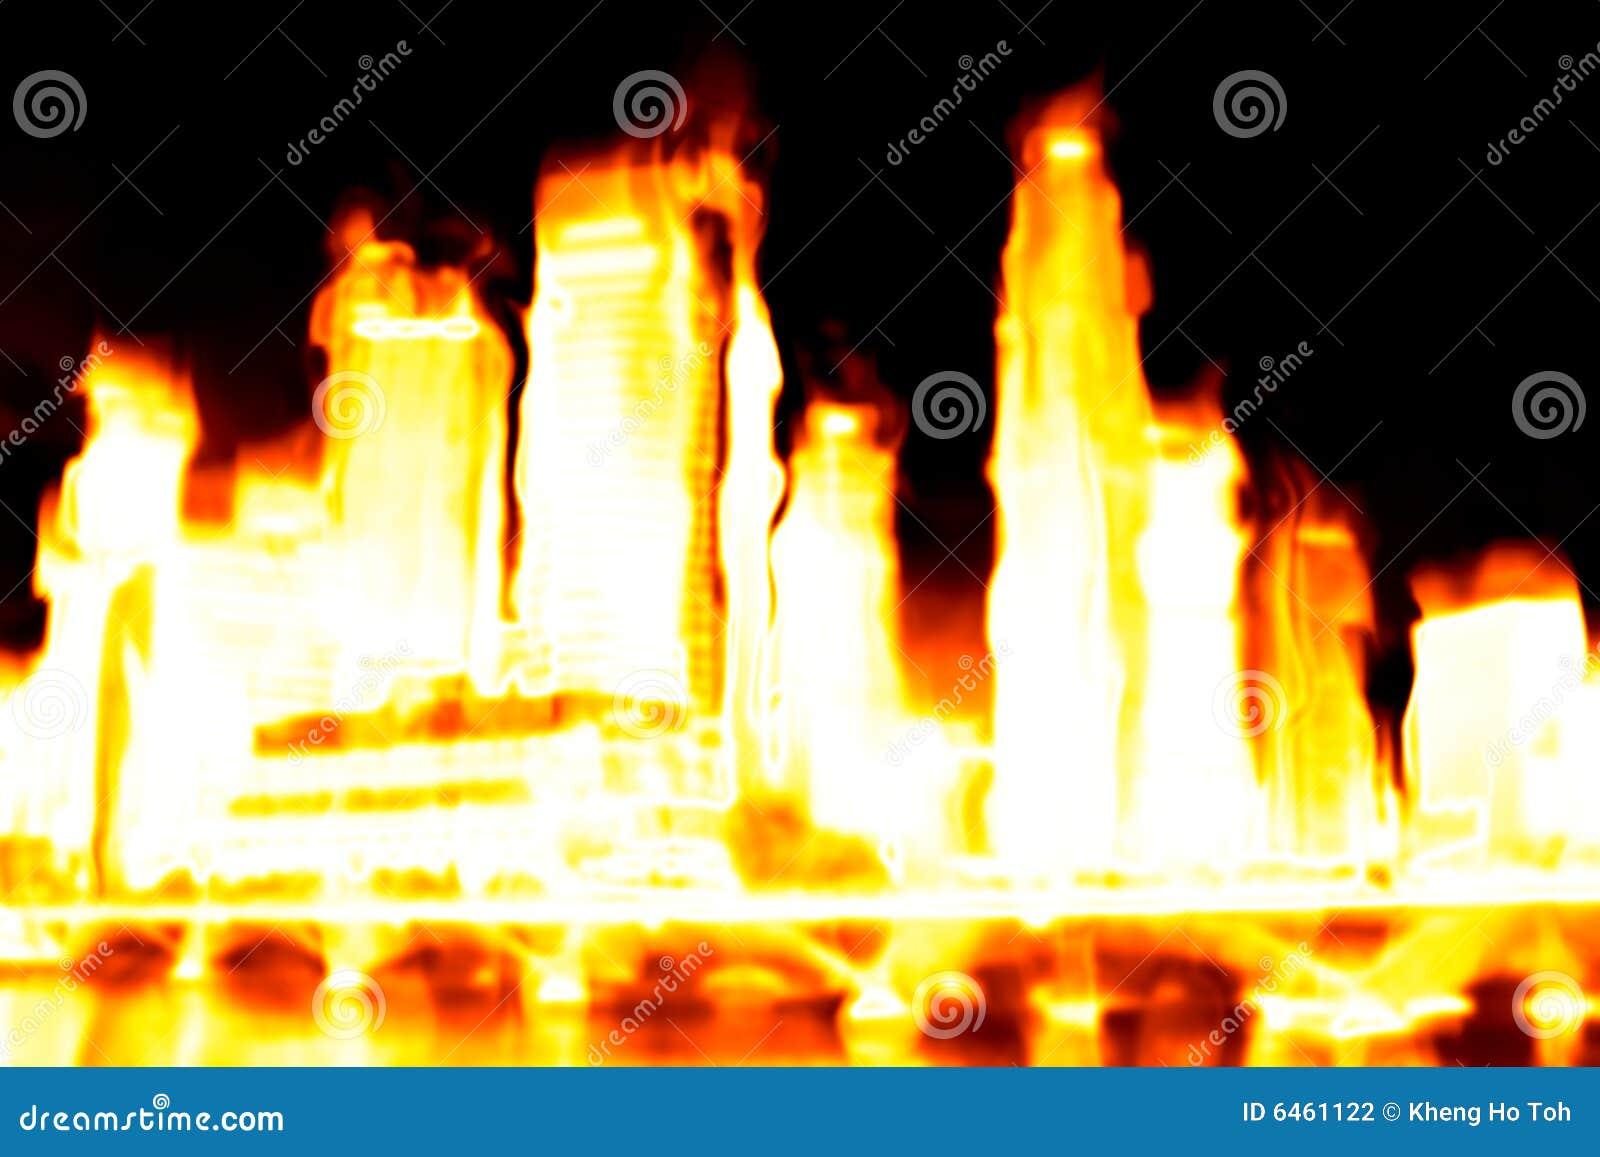 Burning City Apocalypse